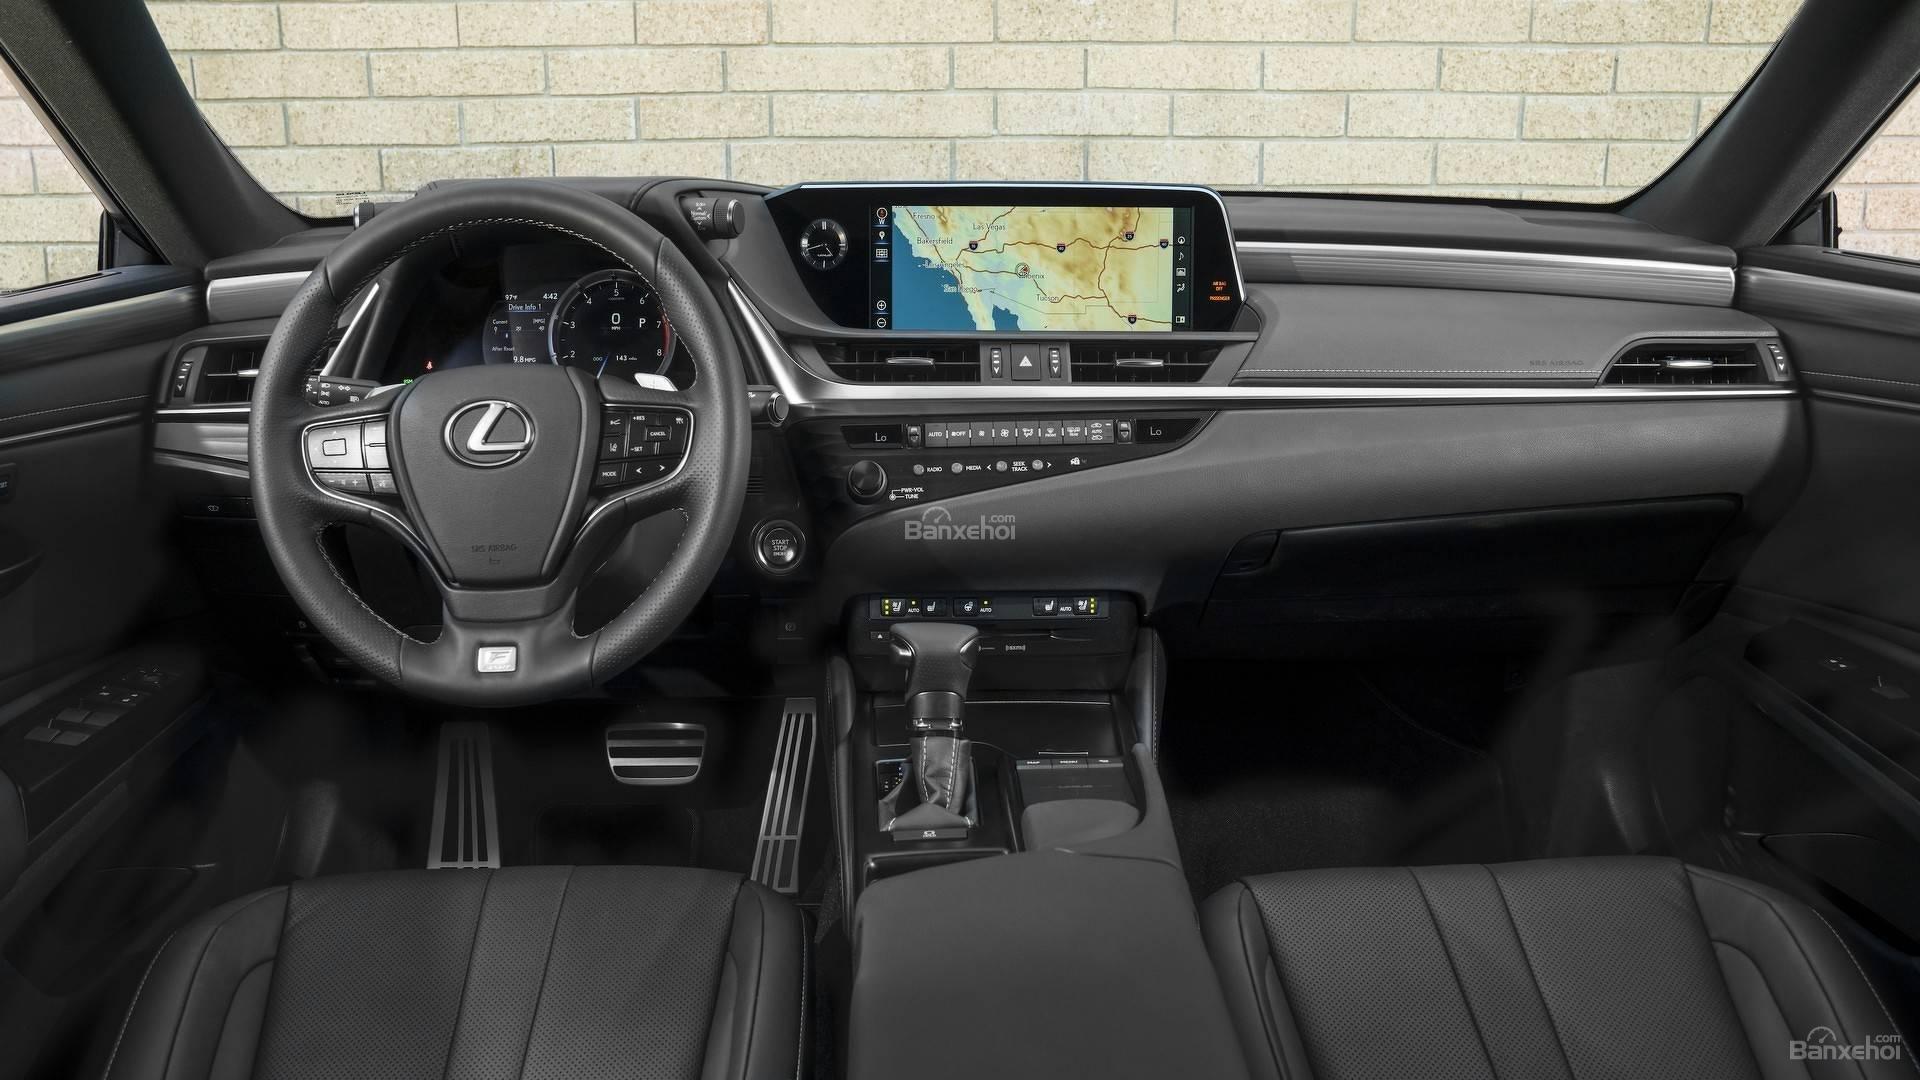 Đánh giá xe Lexus ES 2019: Bảng táp-lô cao cấp và tinh tế z